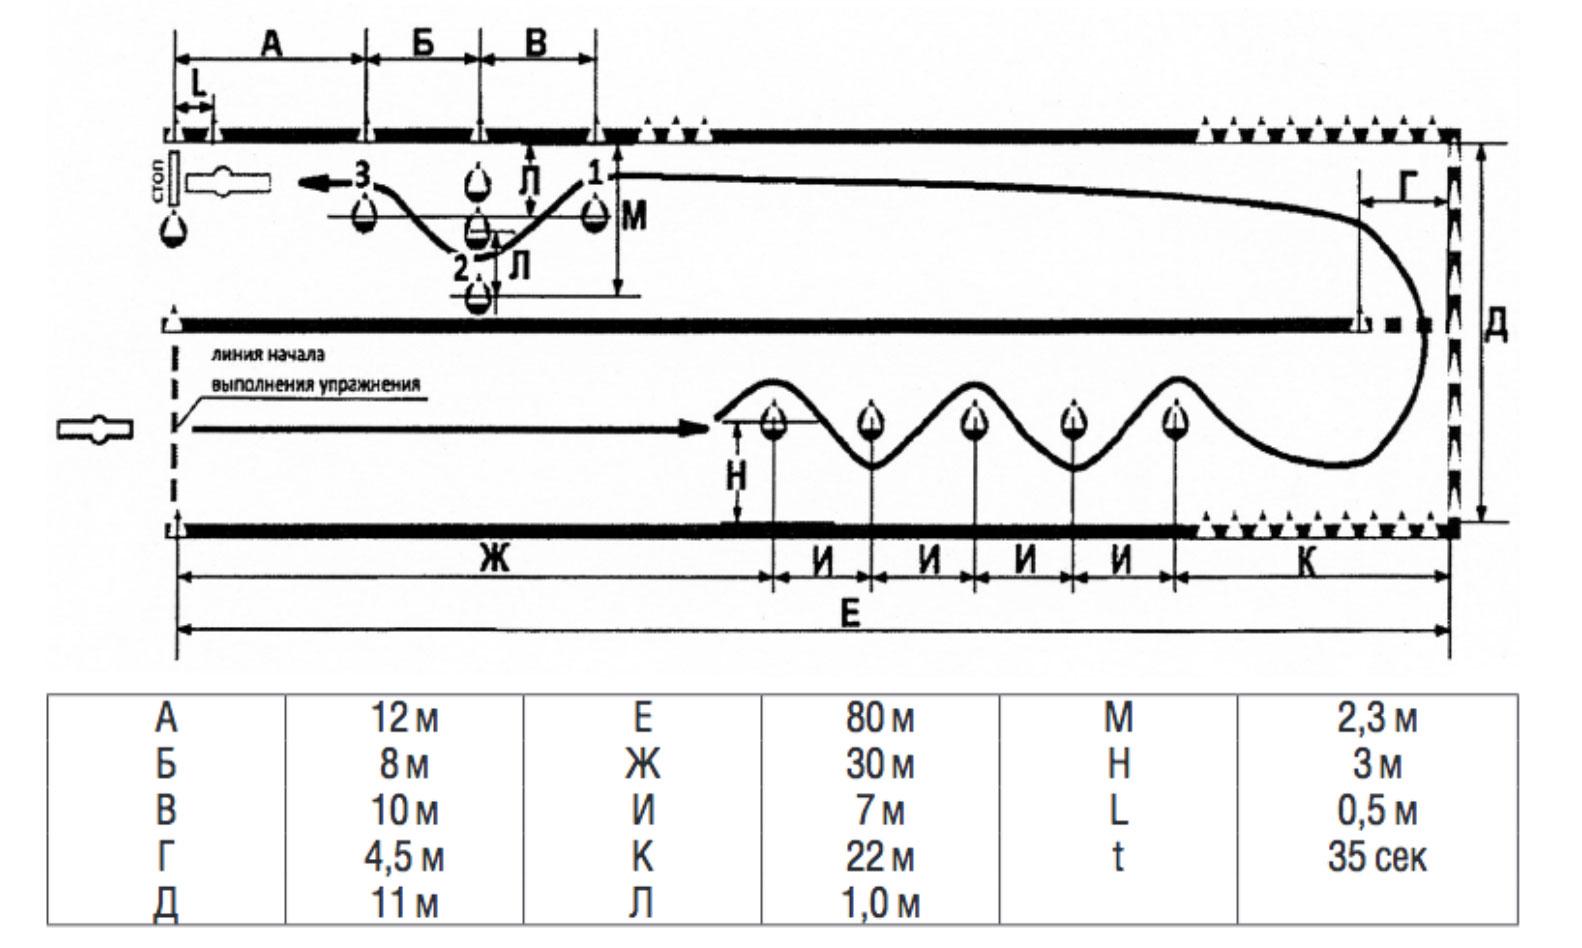 Автодром упражнения на площадке. Экзамен ГАИ ГИБДД по вождению для категорий В С D и В1 С1 D1